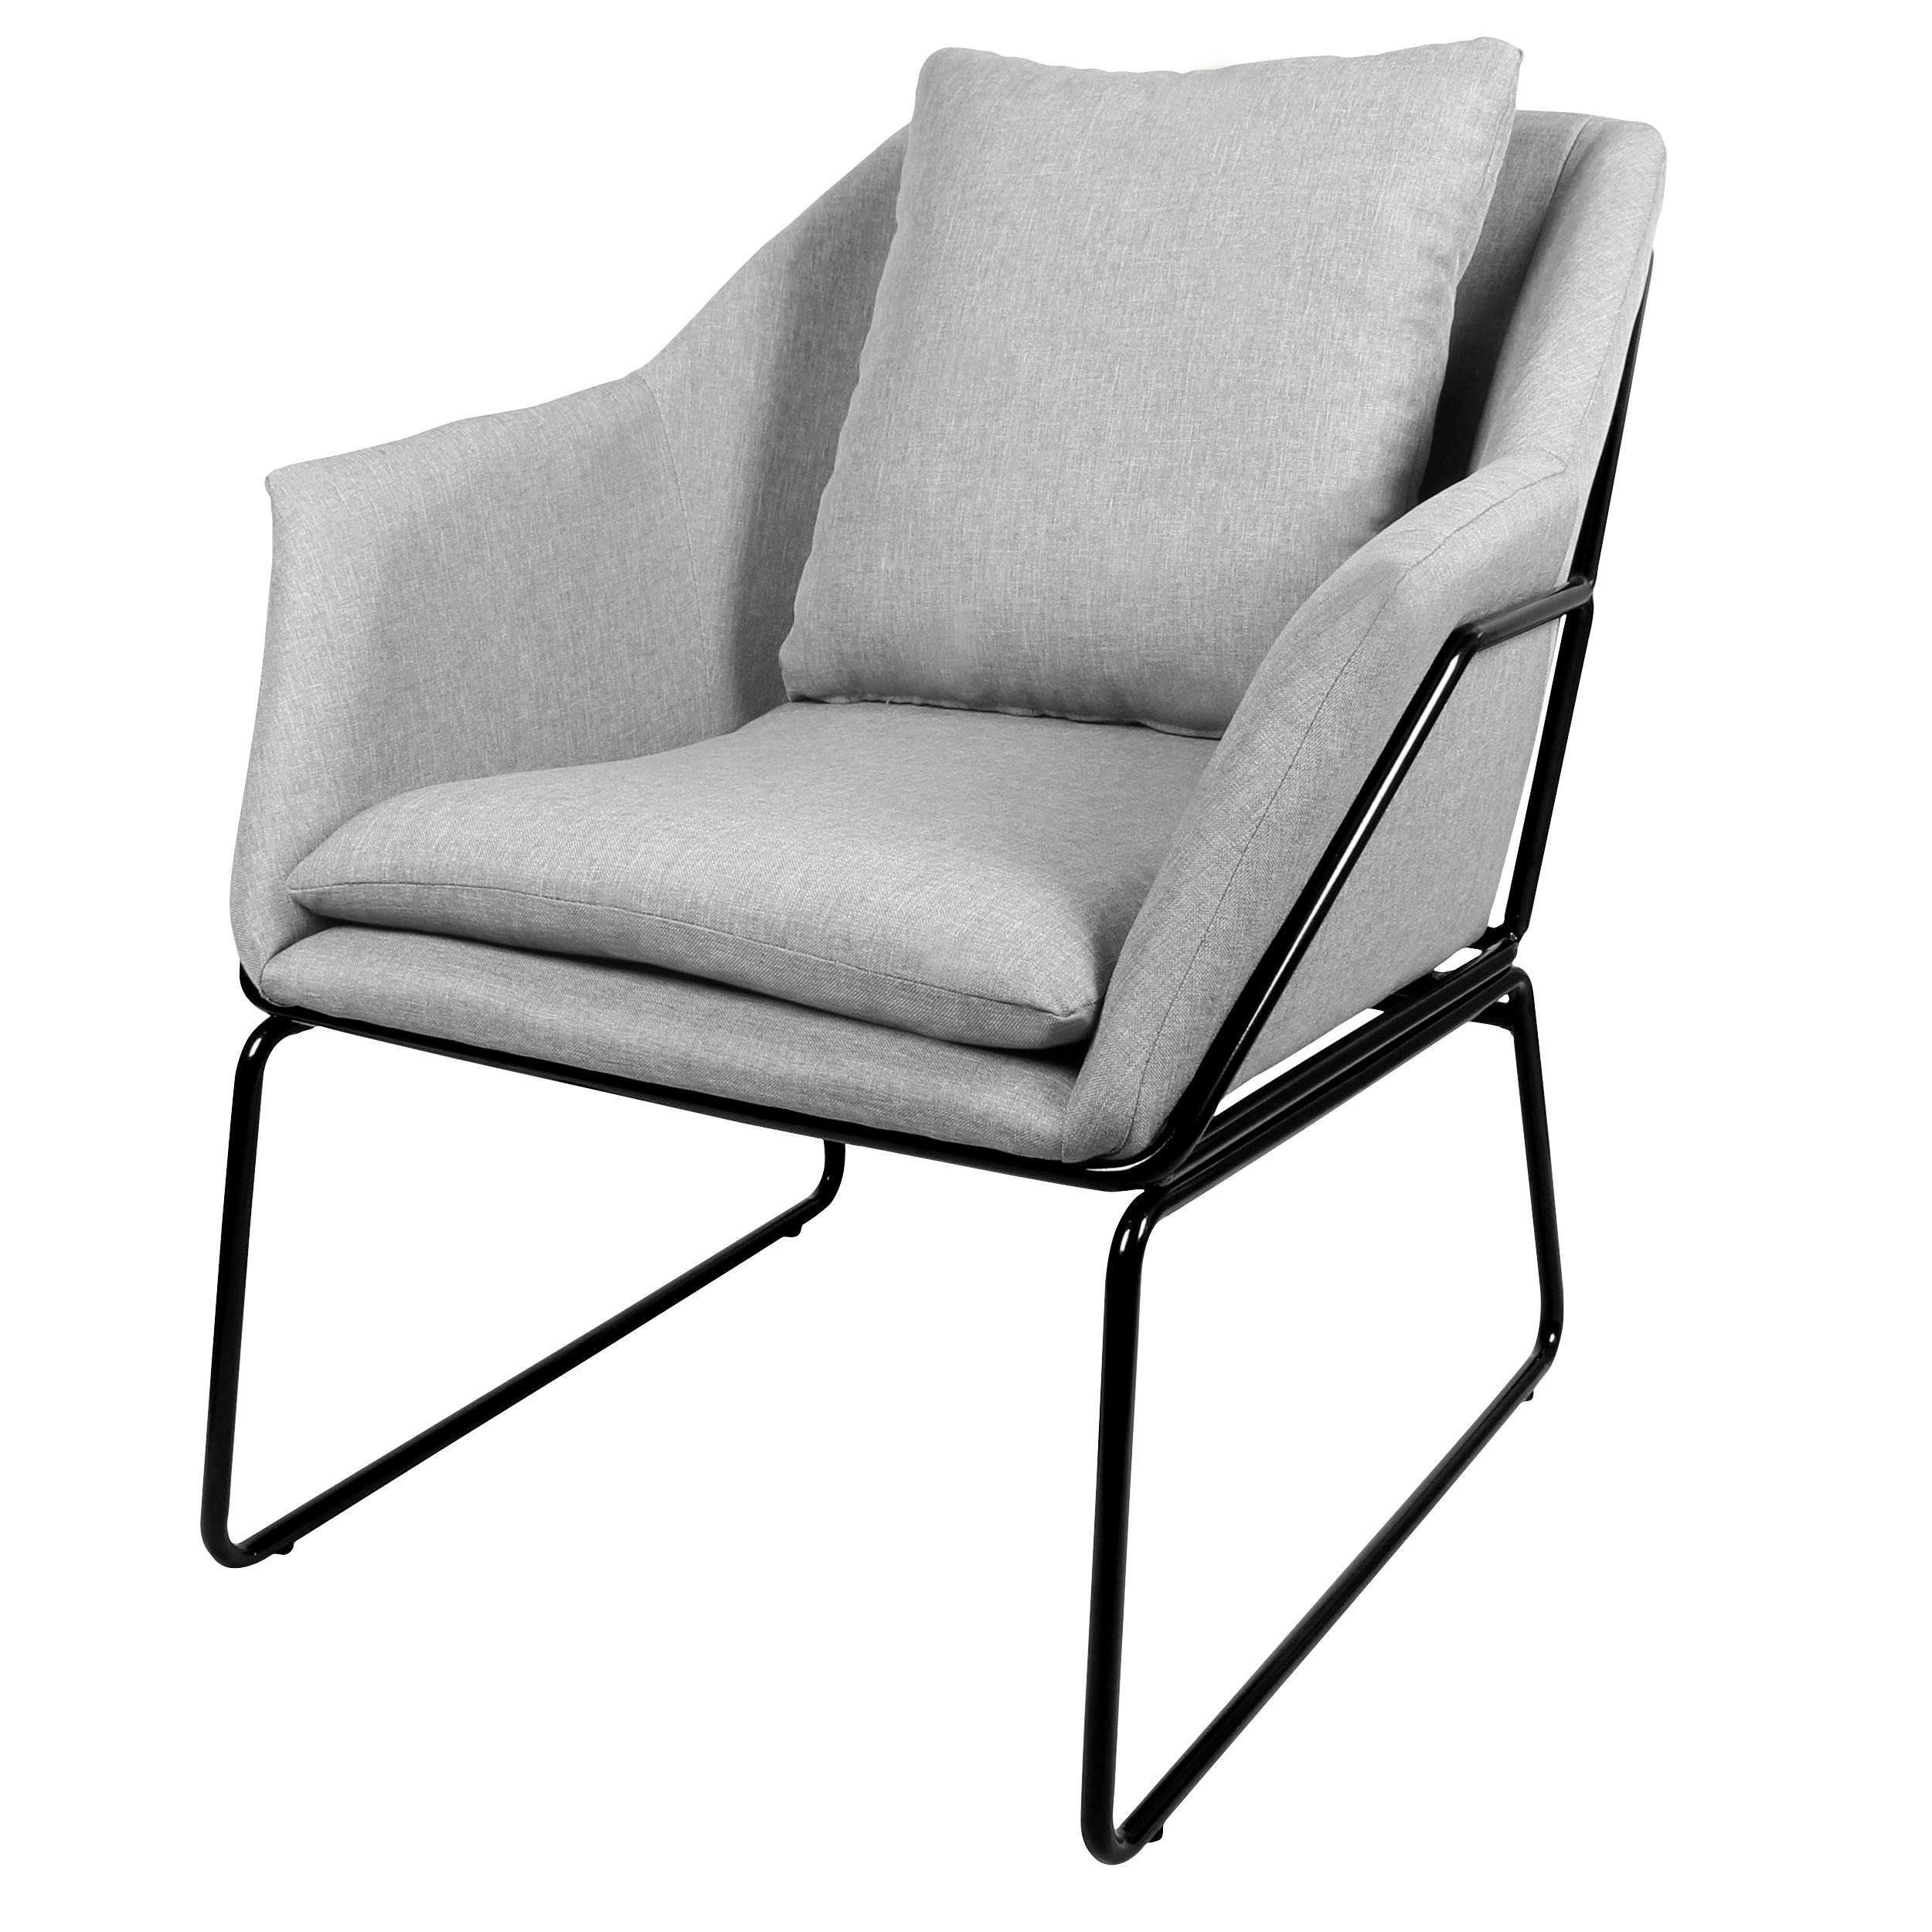 fauteuil pitea gris clair d couvrez les fauteuils pitea gris clair design rdv d co. Black Bedroom Furniture Sets. Home Design Ideas